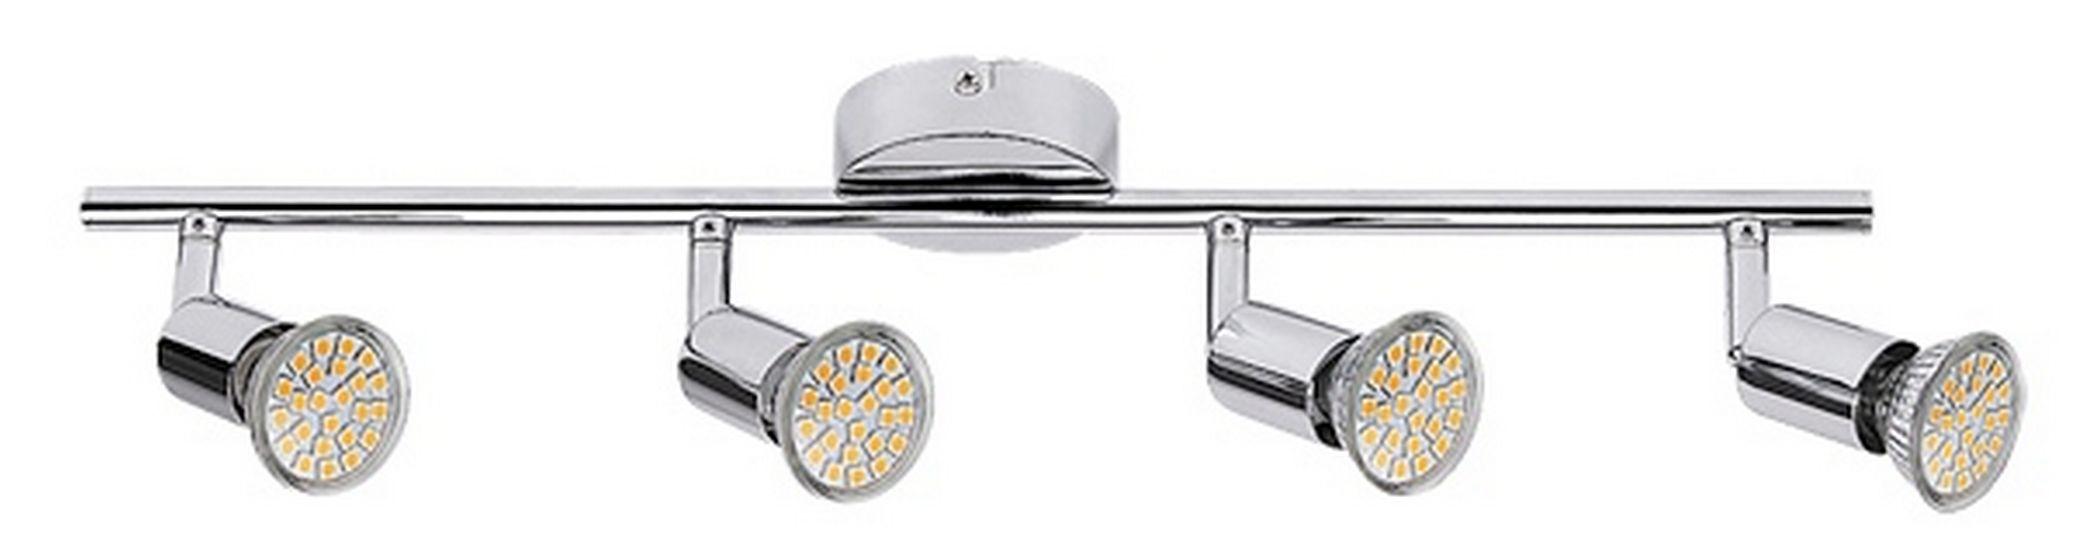 RABALUX 6988 Norton LED Přisazené bodové svítidlo + 3 roky záruka ZDARMA!